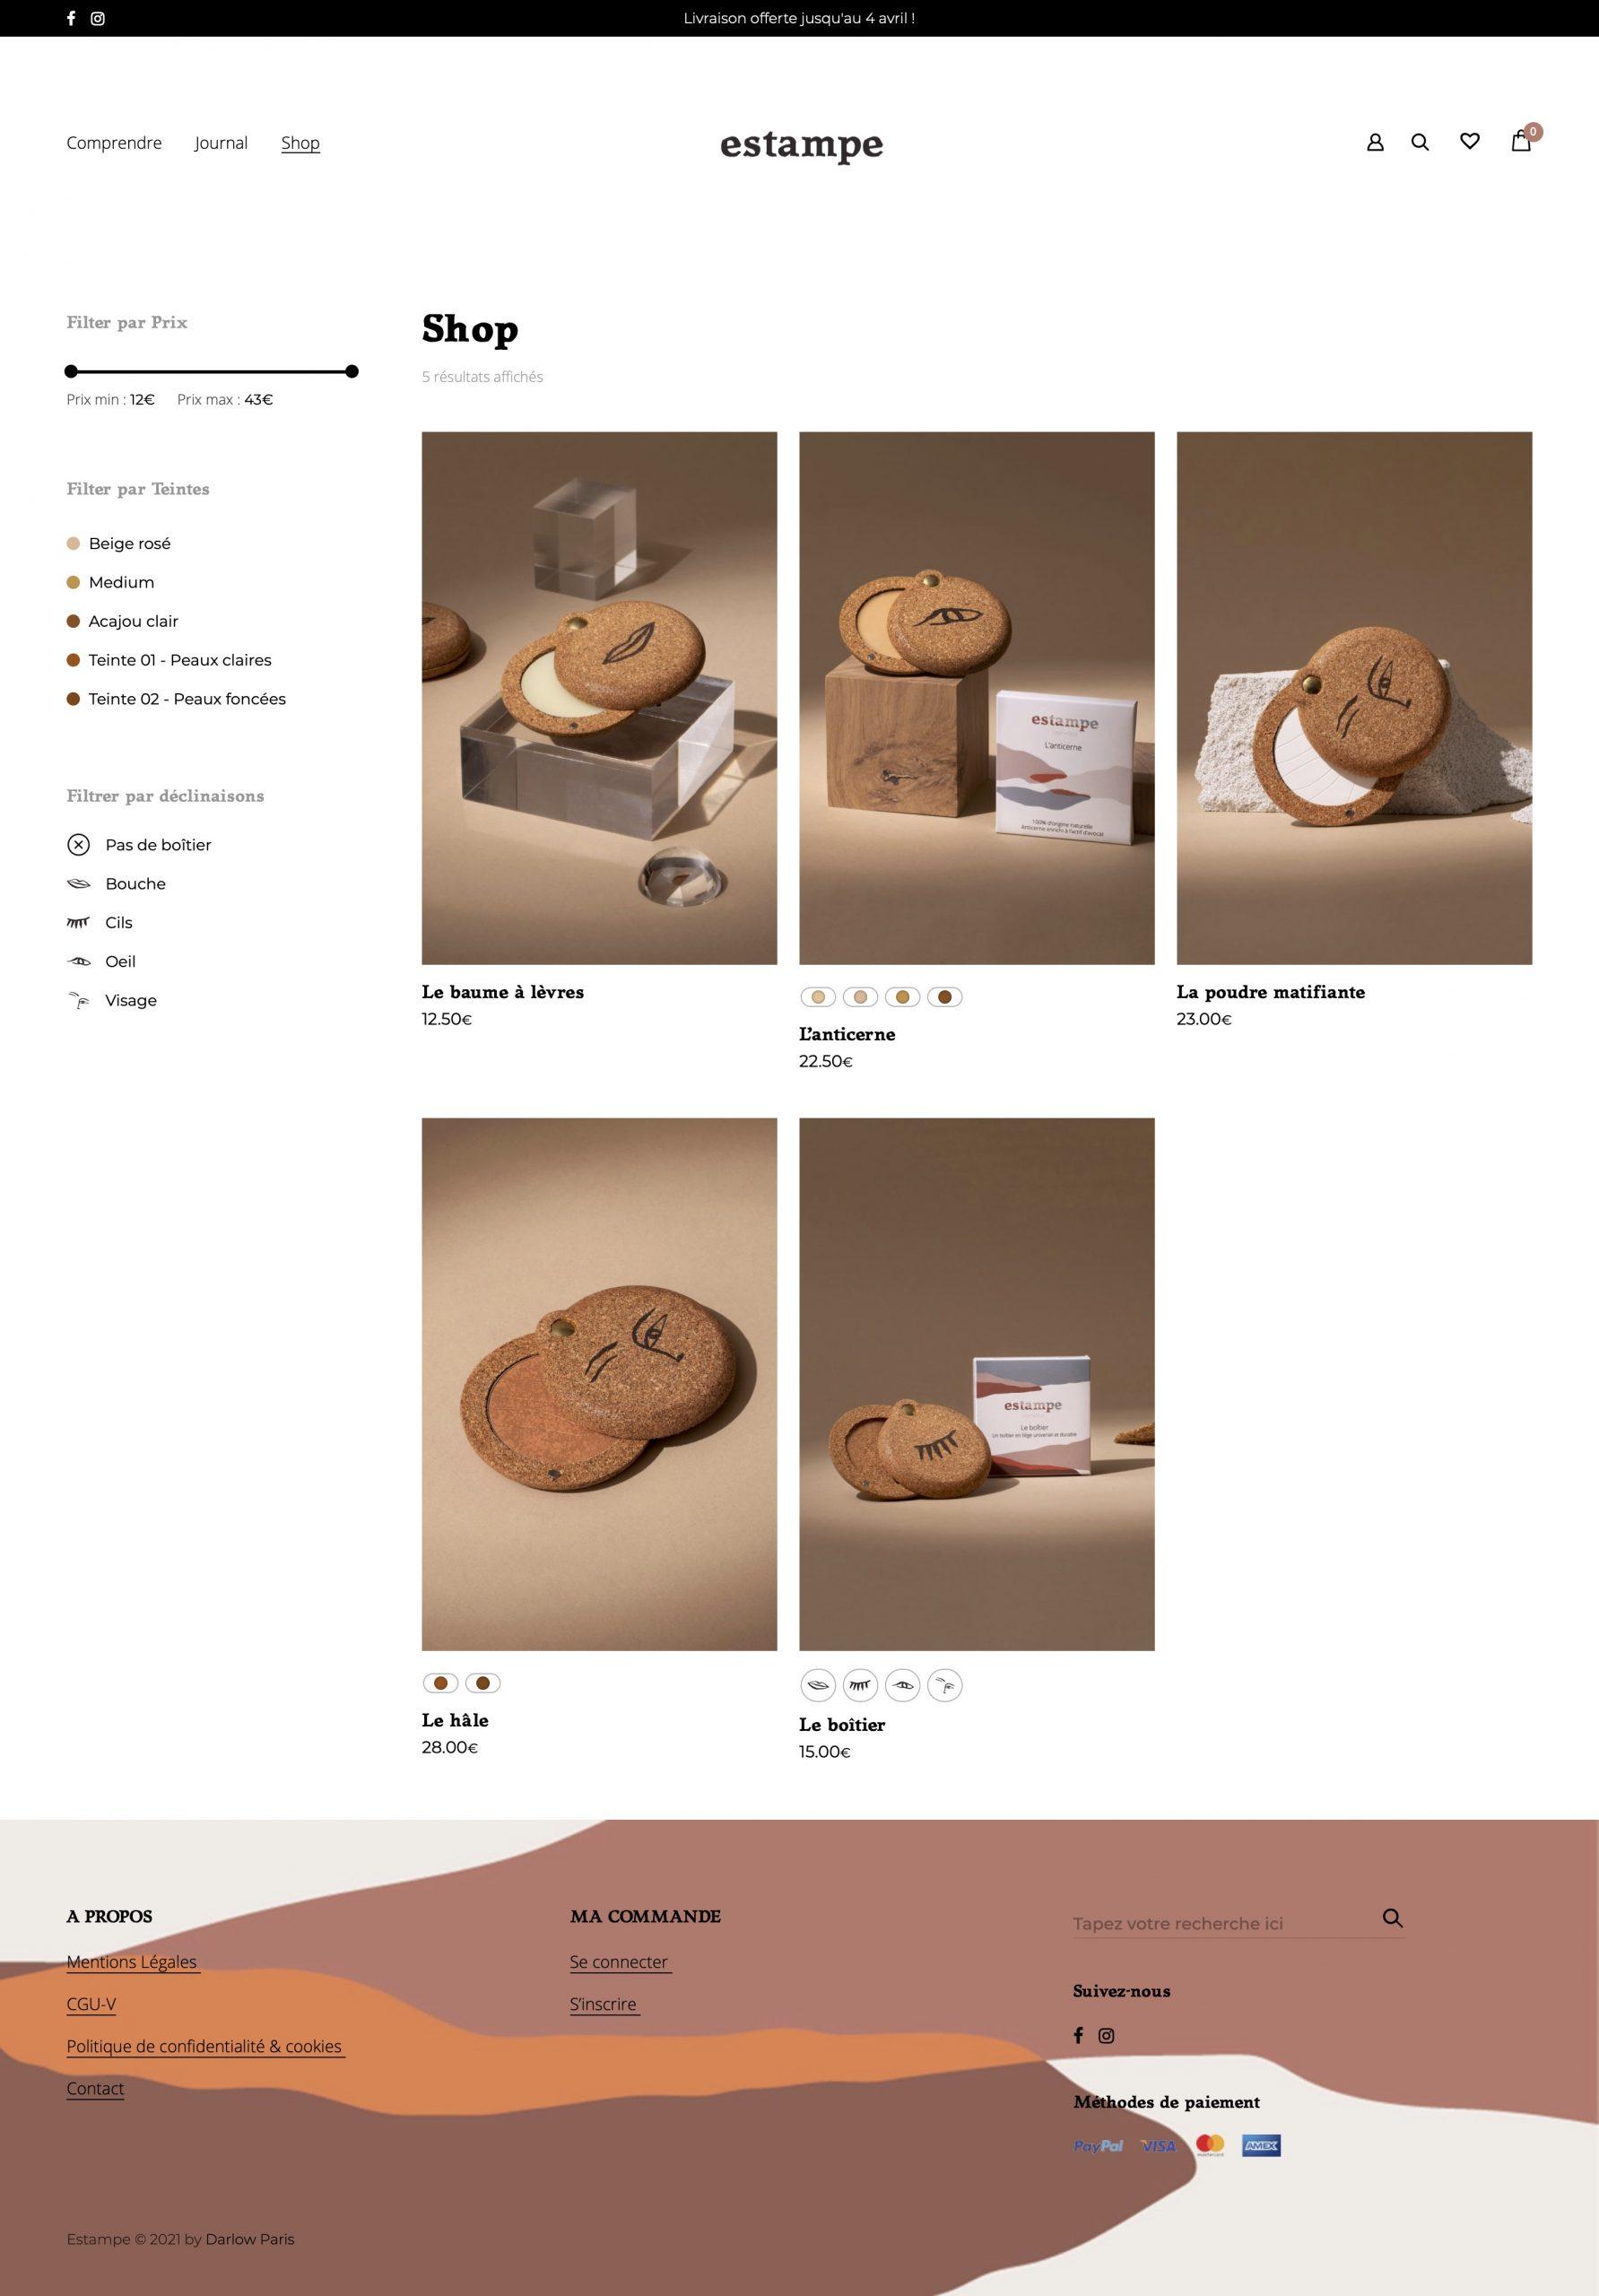 Shop - Estampe Cosmetics